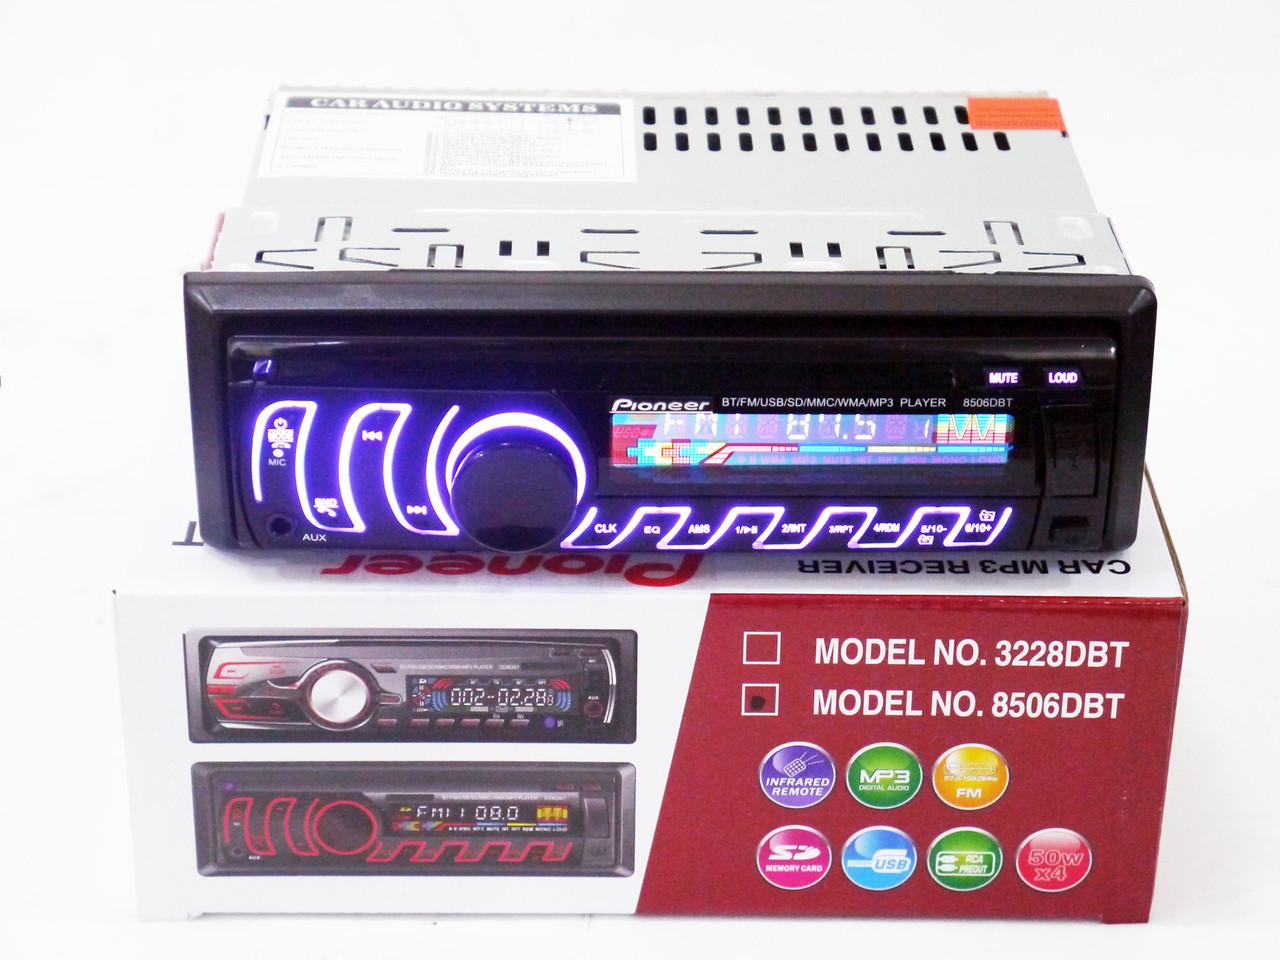 Автомагнітола Pioneer 8506DBT Bluetooth Usb+підсвітка RGB+Fm+Aux+знімна панель+ пульт (4x50W)